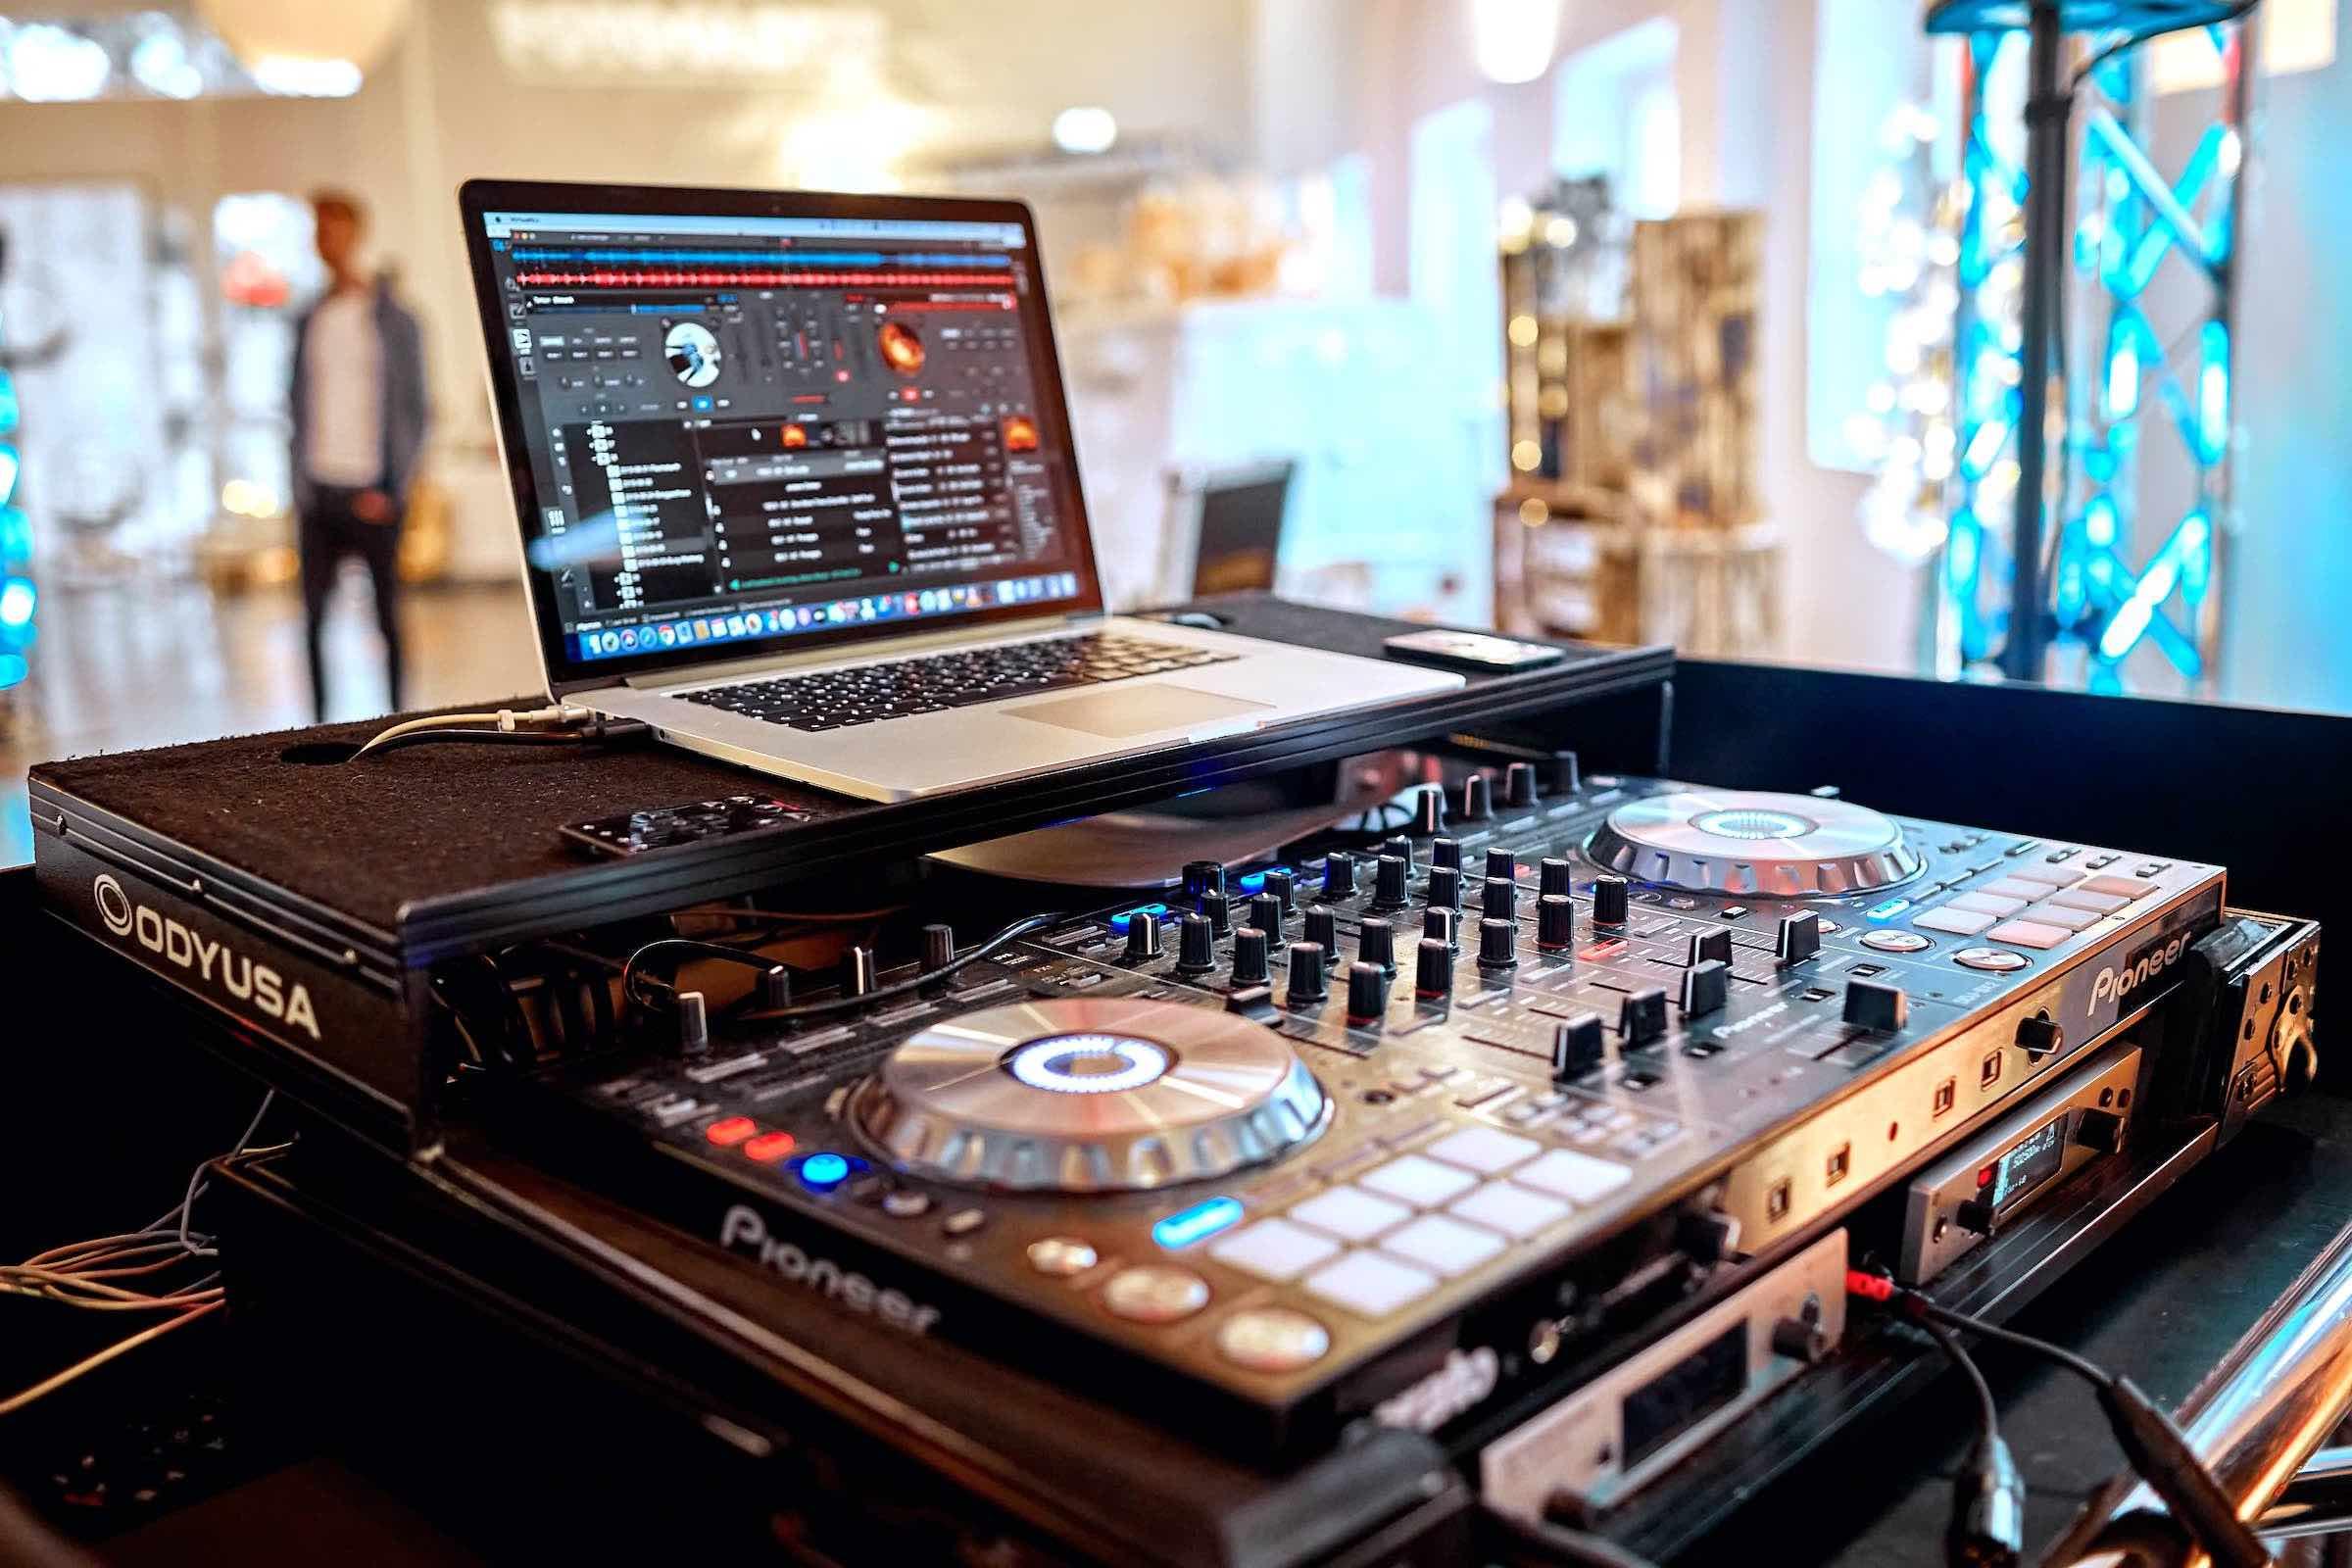 Hochzeits | DJ | Buchen | Hamburg | Discjockey | Messe | DJ | Event | DJ | Geburtstag | DJ | Mieten | Anfragen | DJ | Agentur | DJ | Marvin | Hamburgfeiert